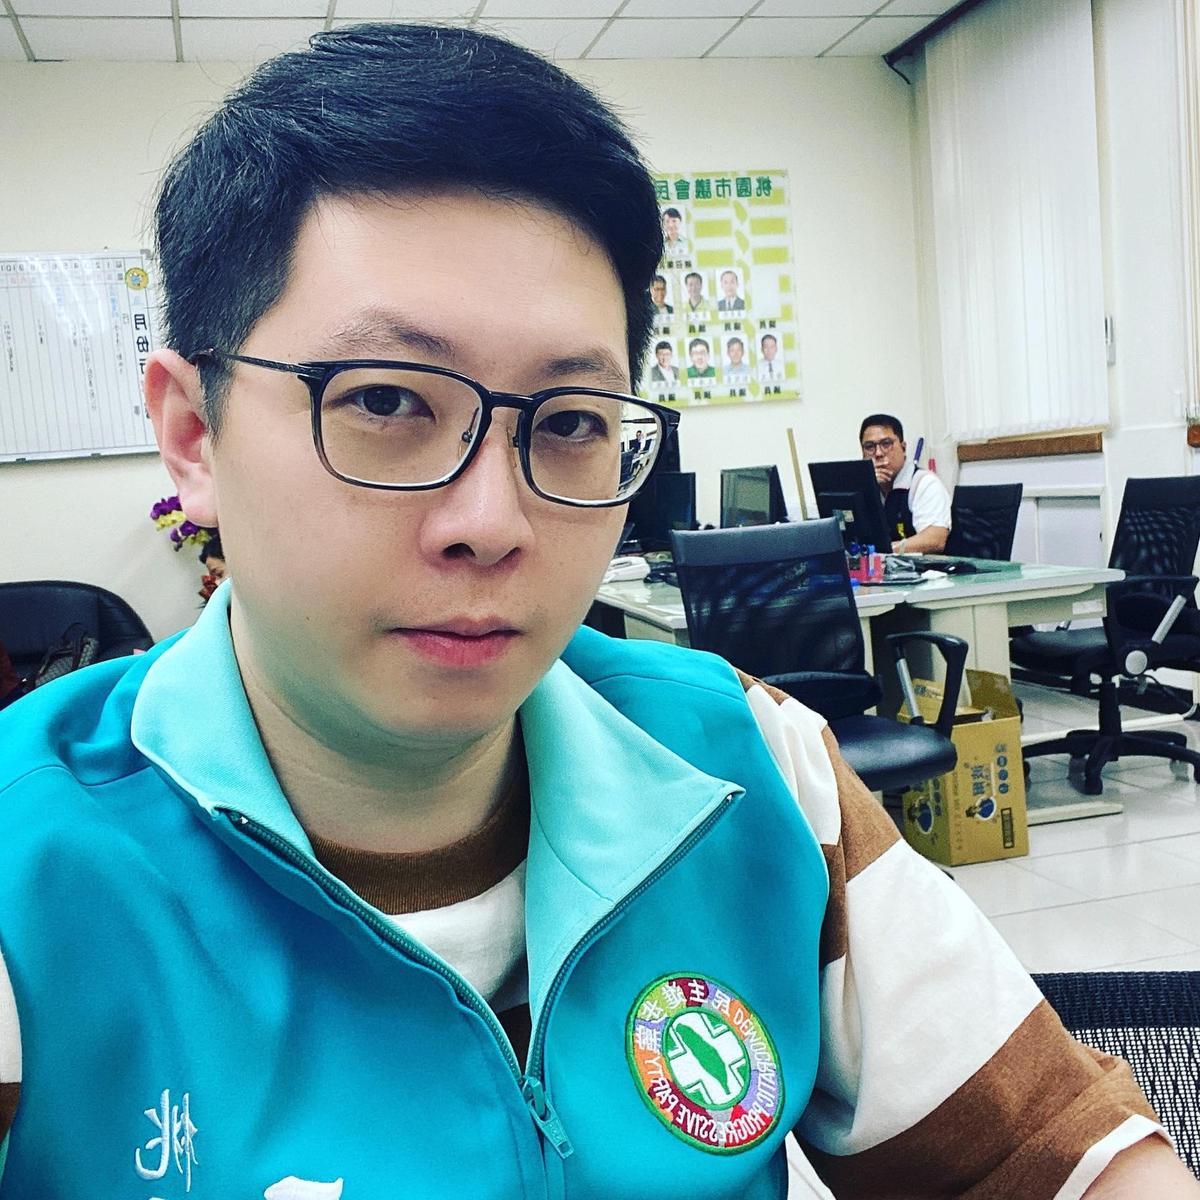 上週被罷免成功的民進黨桃園市議員王浩宇也傳出有意轉戰台北市港湖區參選台北市議員。(翻攝王浩宇臉書)